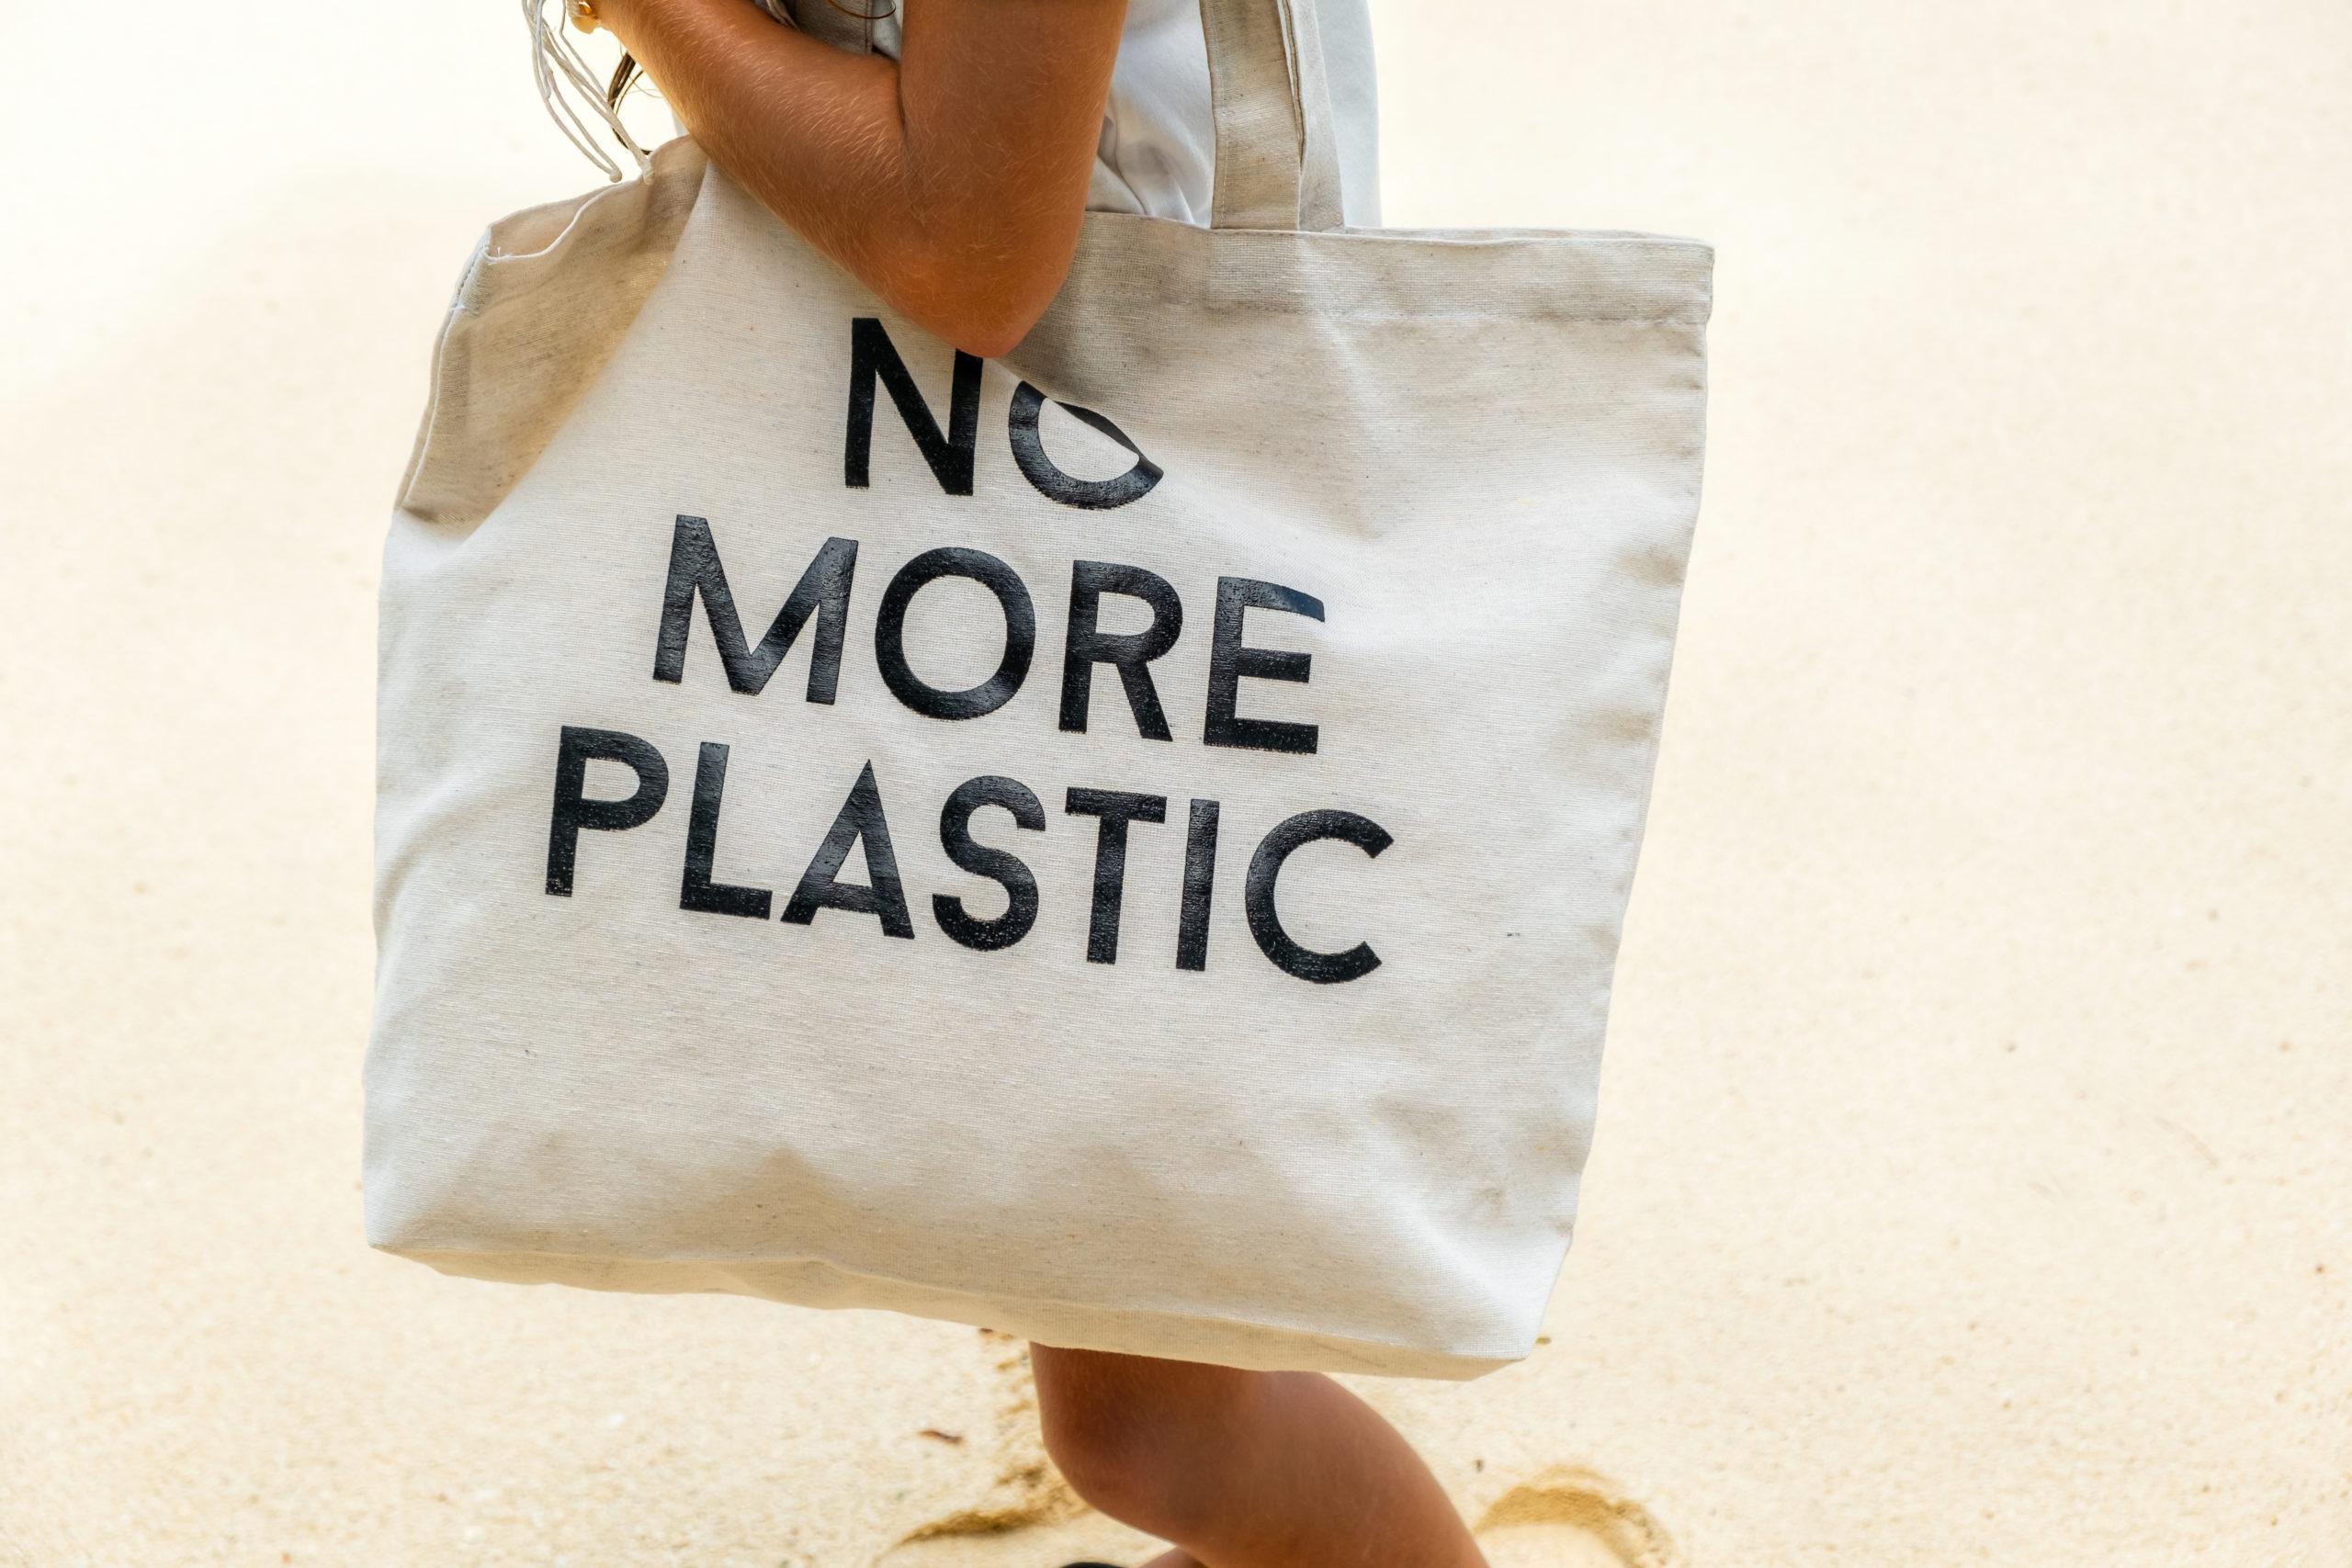 ¿Son mejores las bolsas de plástico, las bolsas de papel o las bolsas de algodón ecológico?